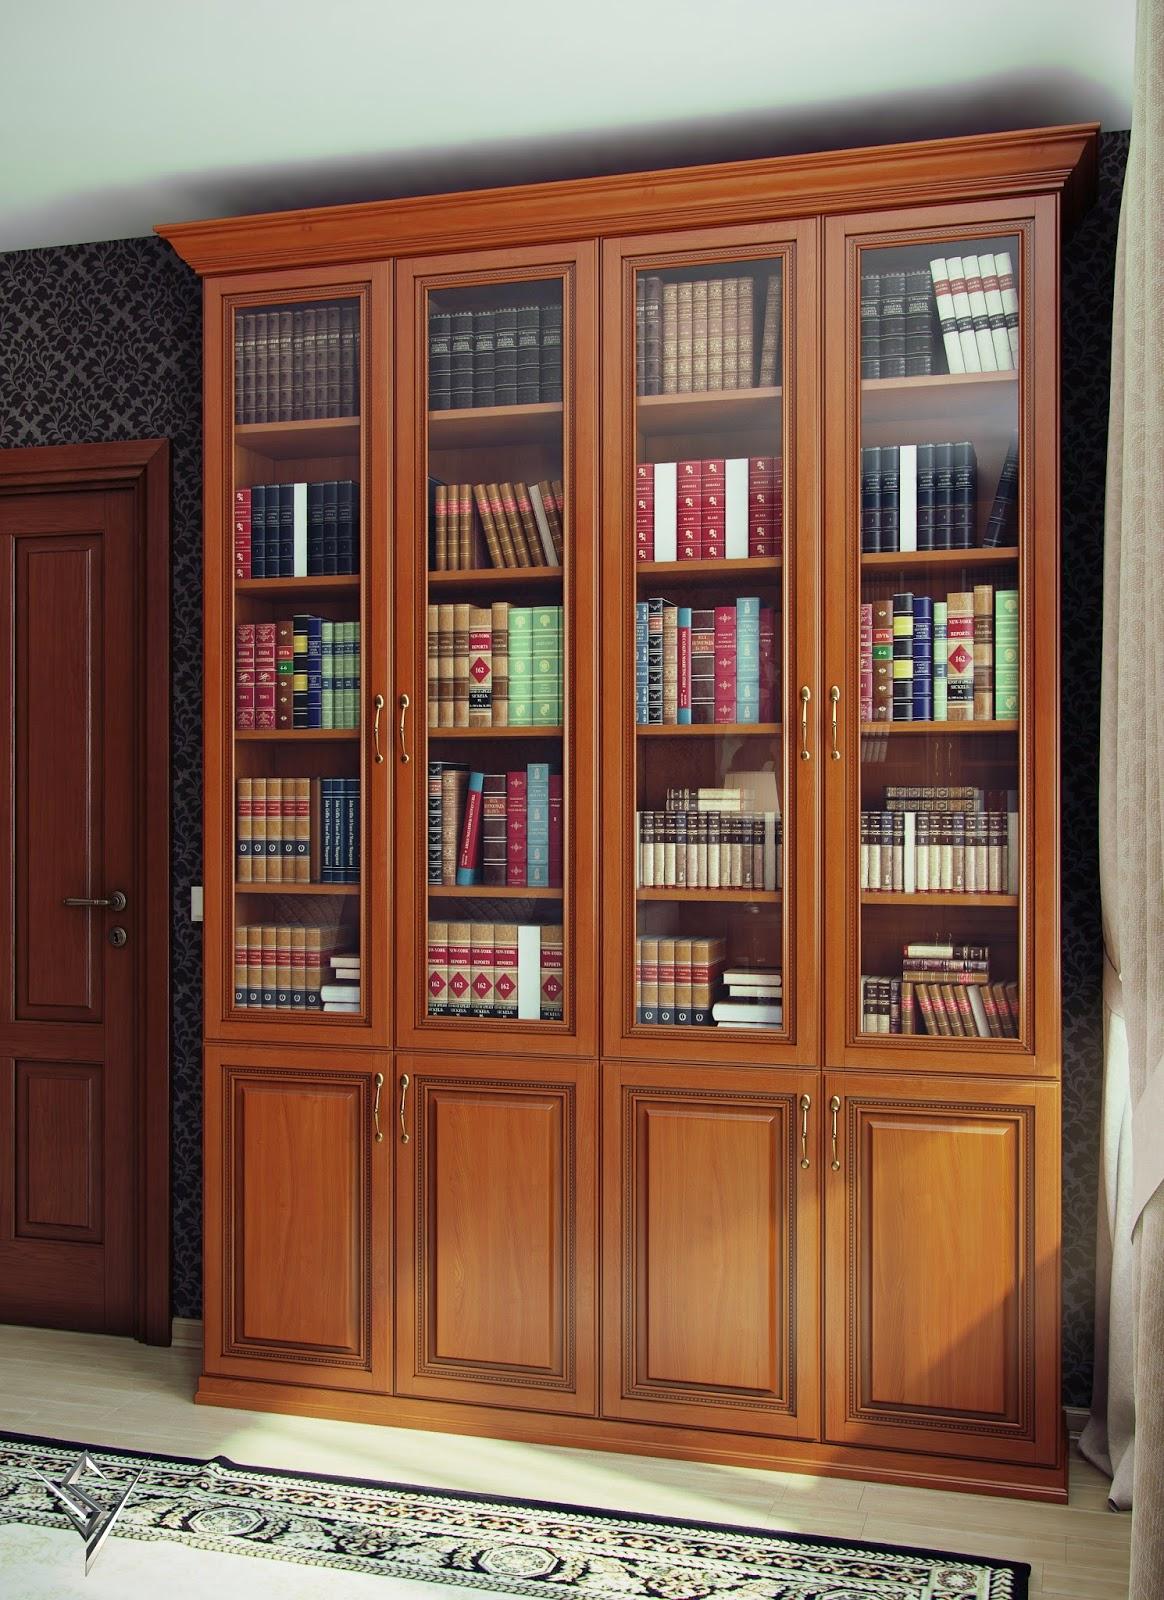 Книжный шкаф четырехстворчатый олимп купить в мебель олива..